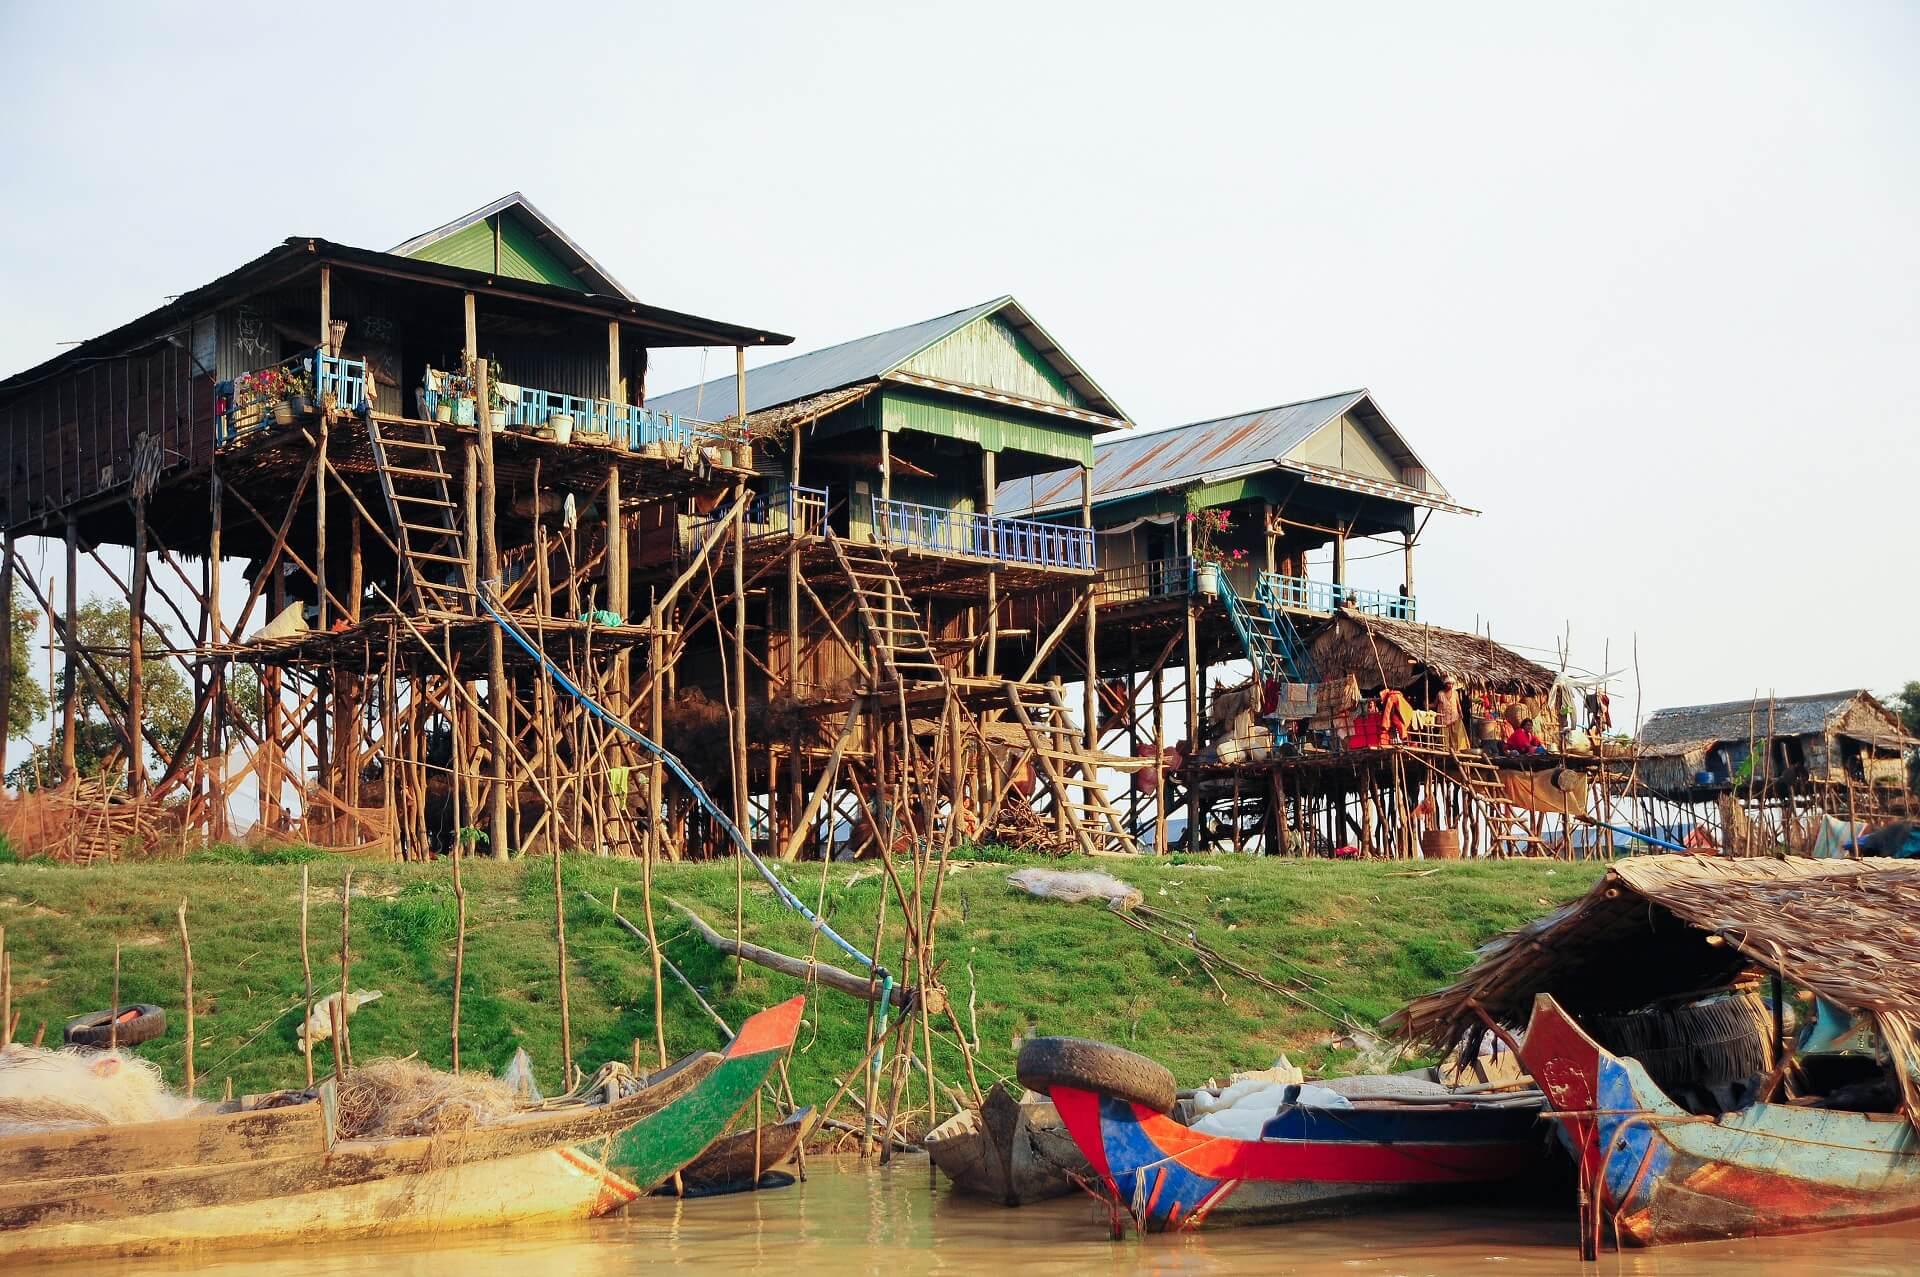 Die bunten Häuser auf Stelzen in einem Dorf nahe Siem Reap